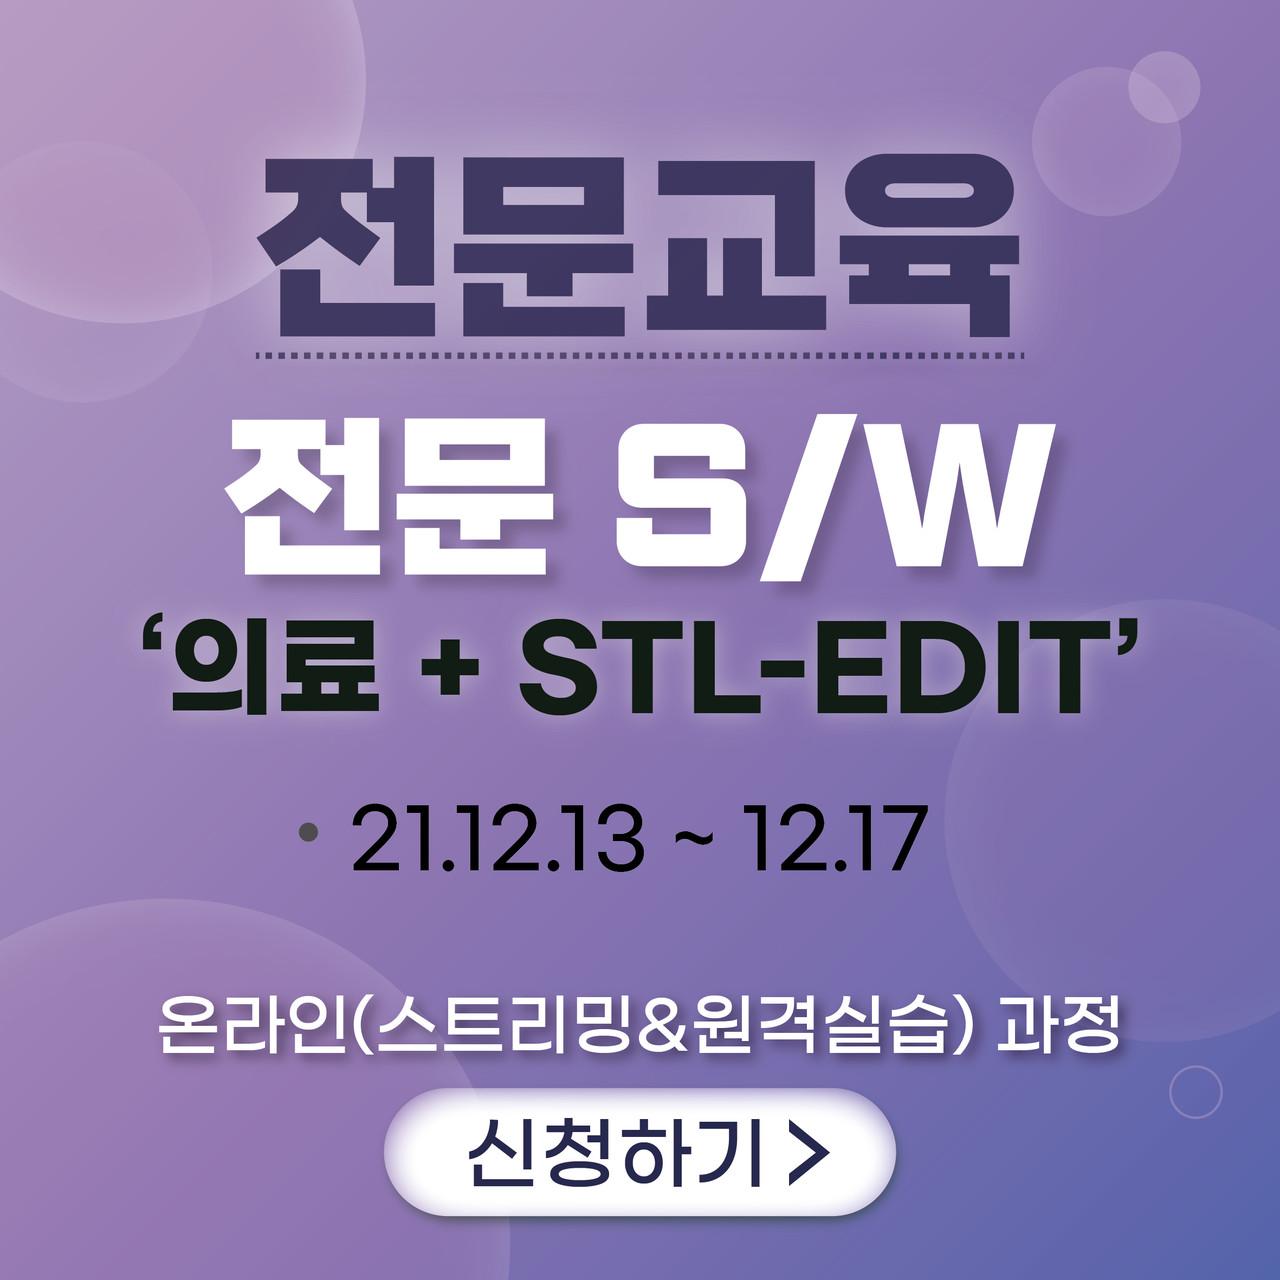 전문-전문  S/W (의료+STL-EDIT)